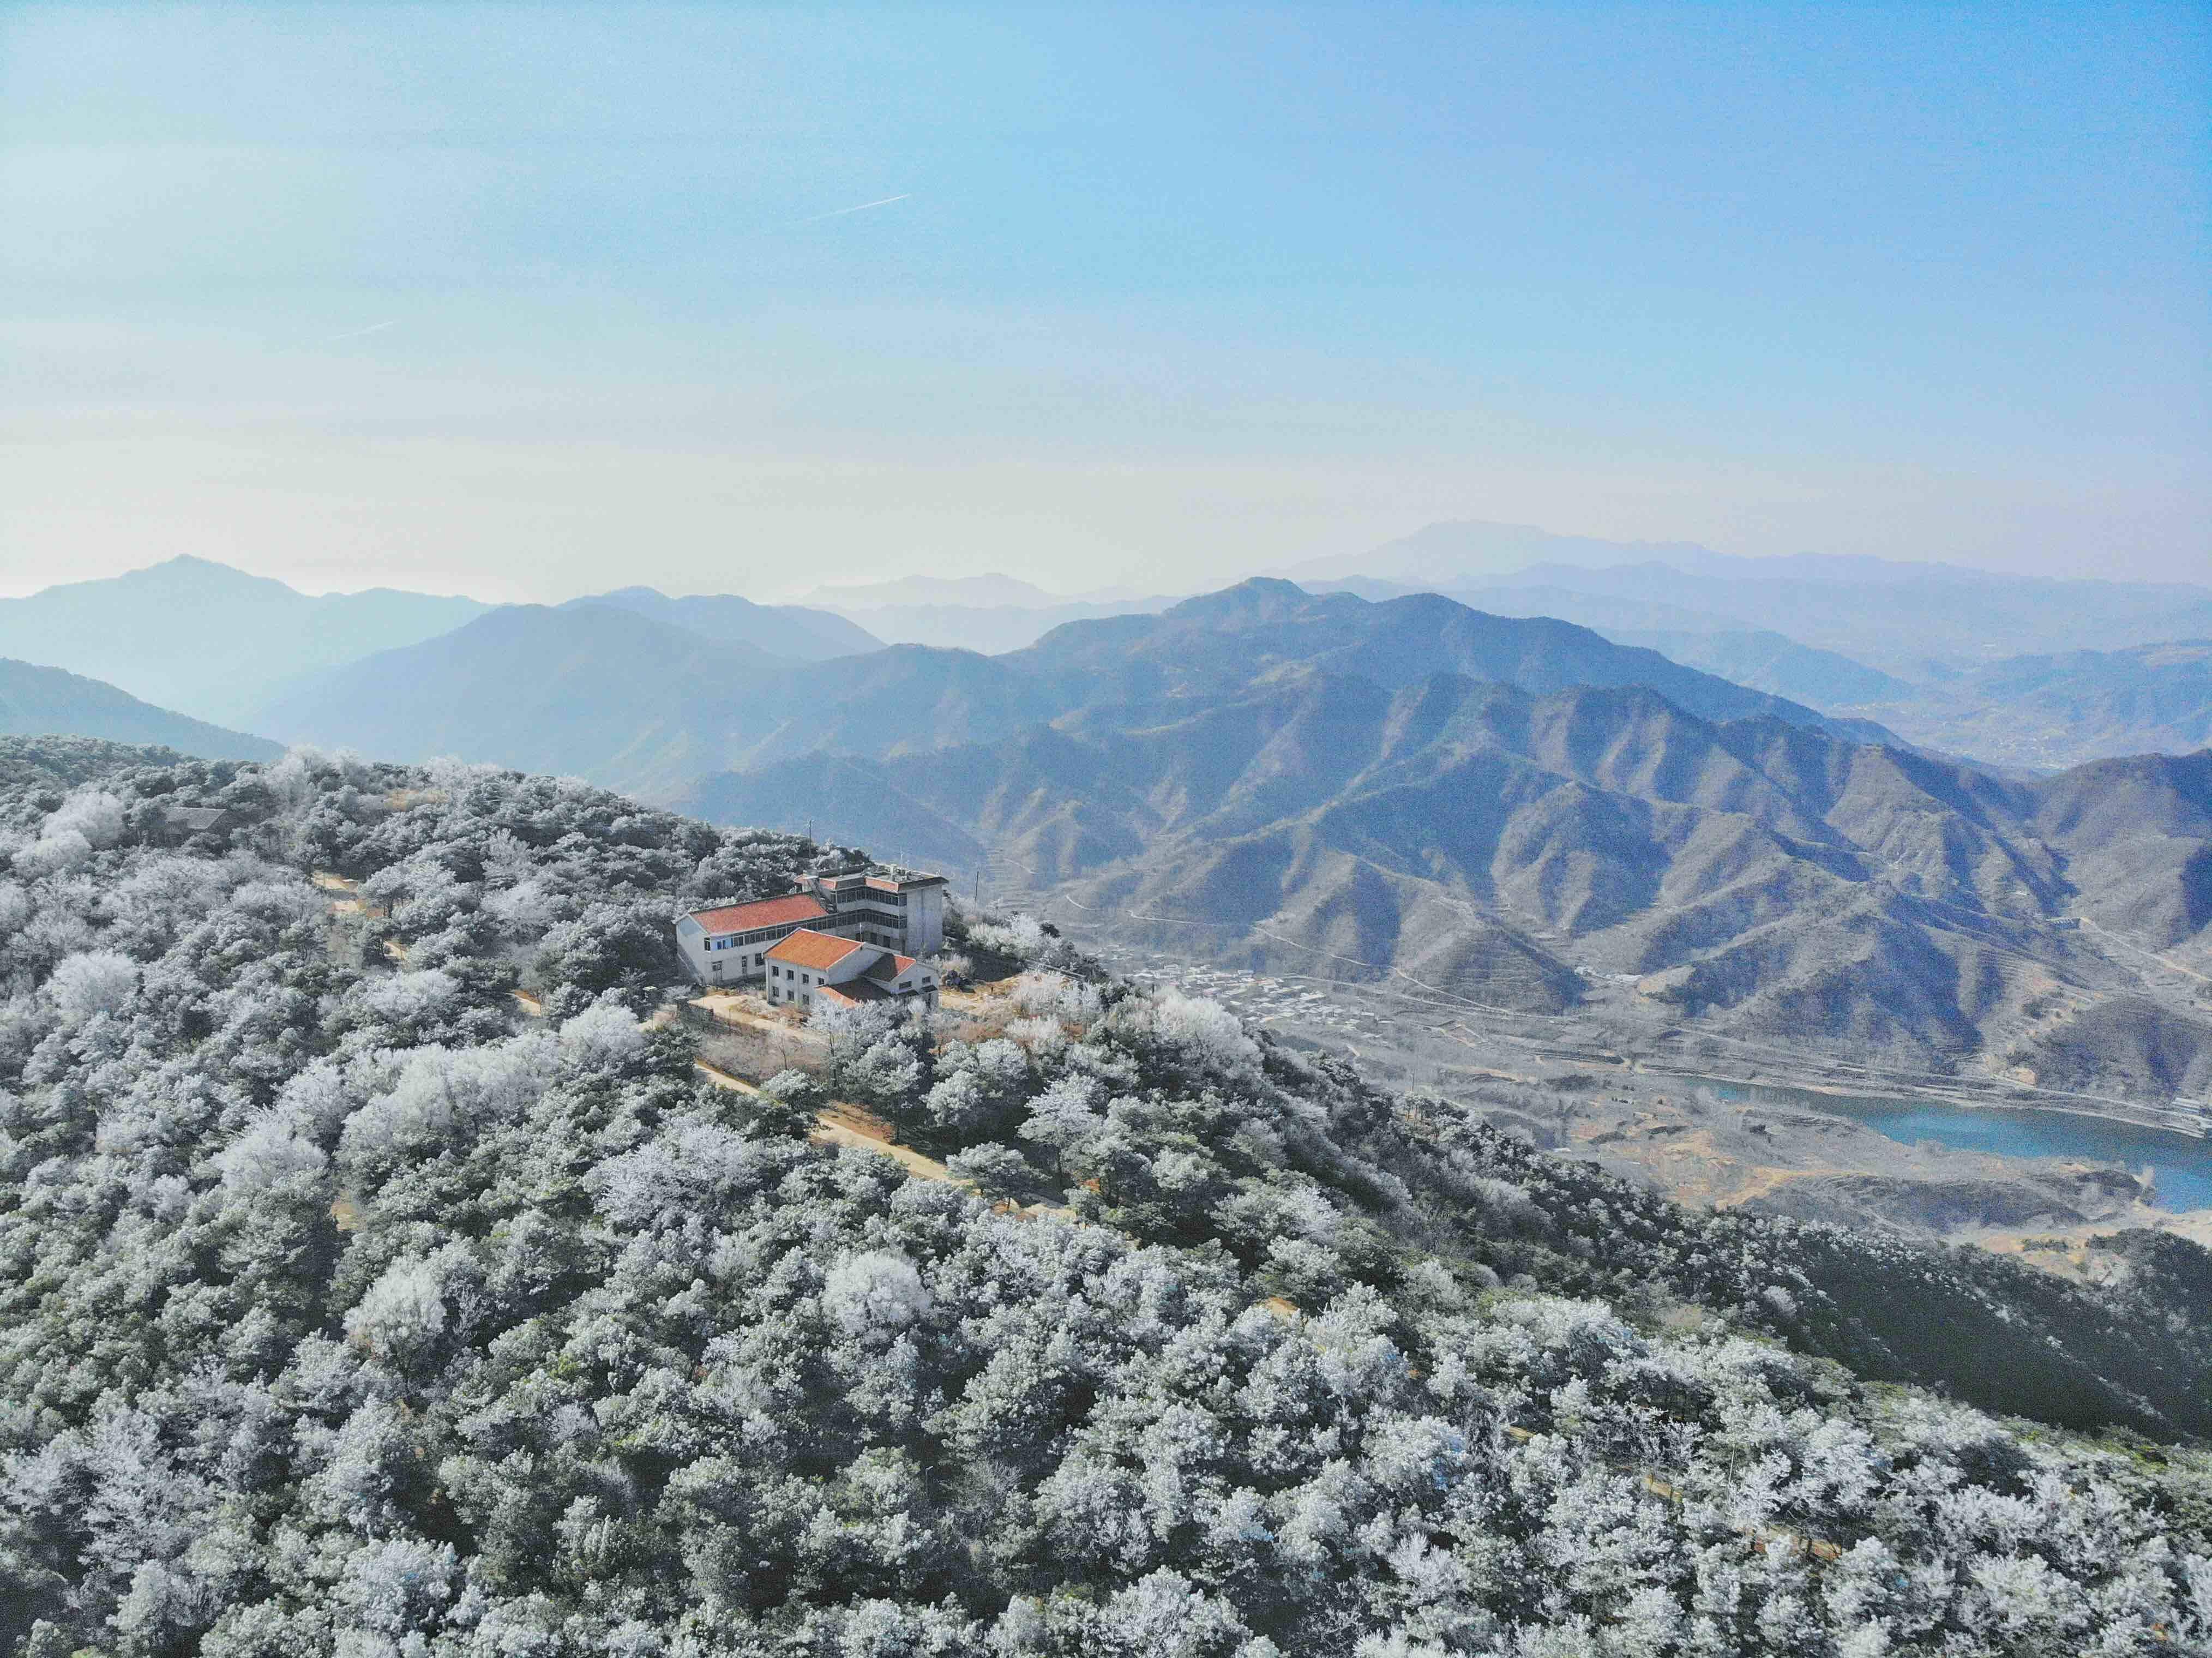 云海仙境+雾凇美景,这两日的跑马岭美翻了!